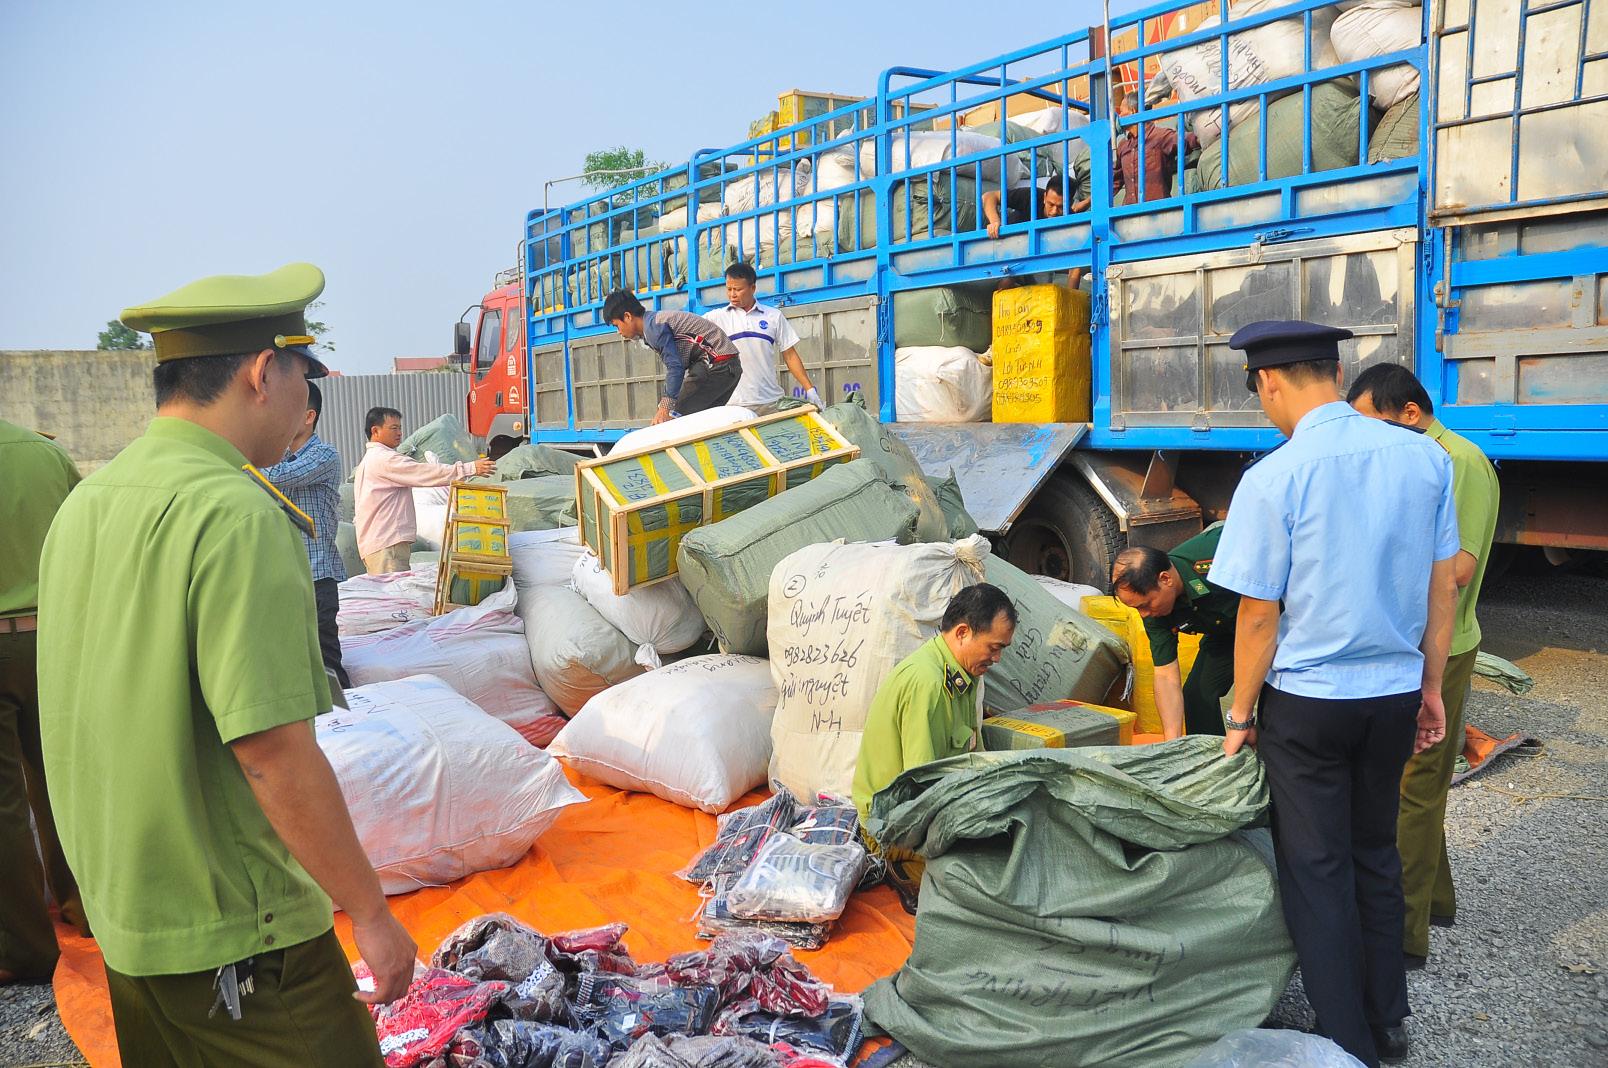 Tiêu dùng & Dư luận - Đến hết tháng 10, cục Hải quan TP.HCM khởi tố 18 vụ buôn lậu